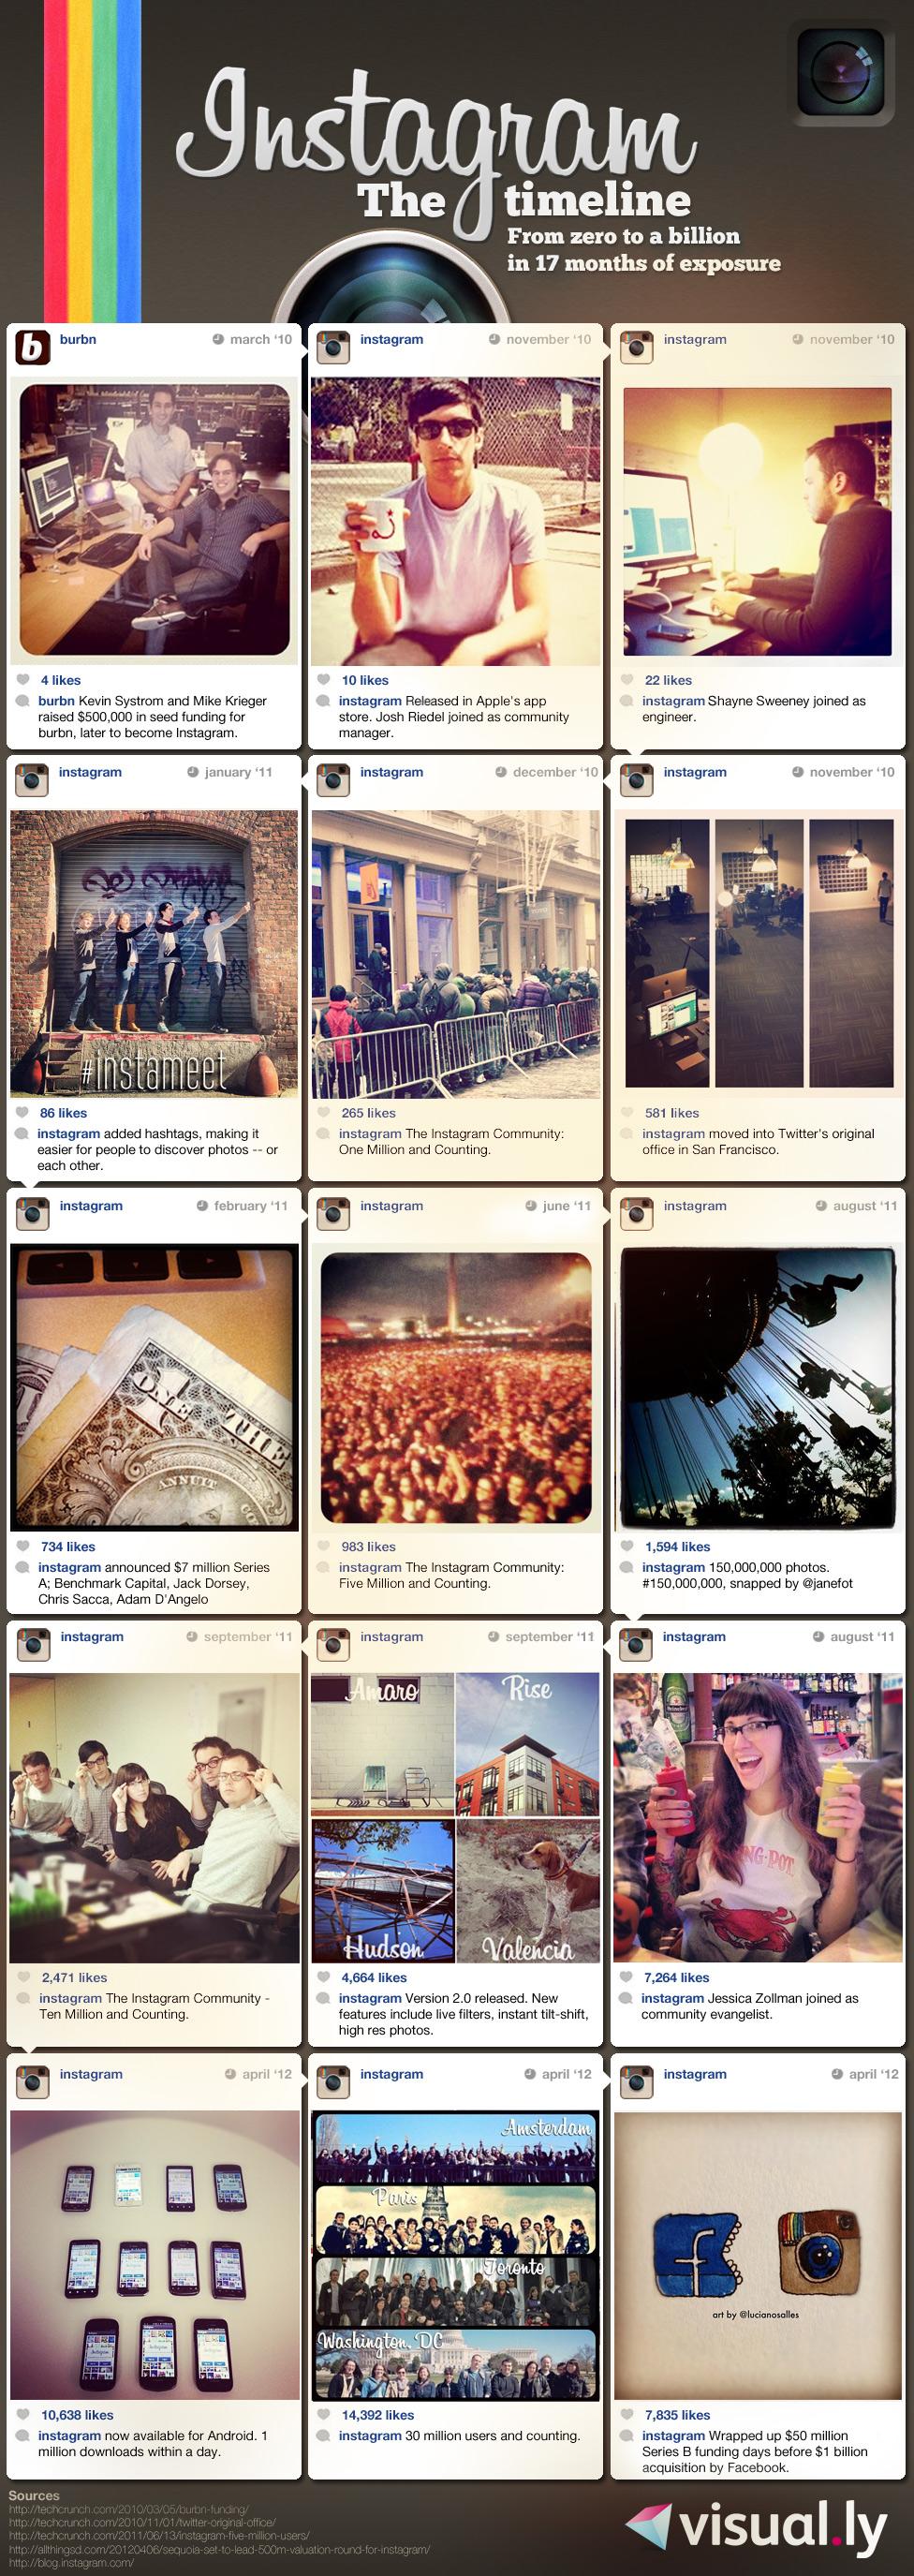 Instagram faits chiffres et statistiques 2012